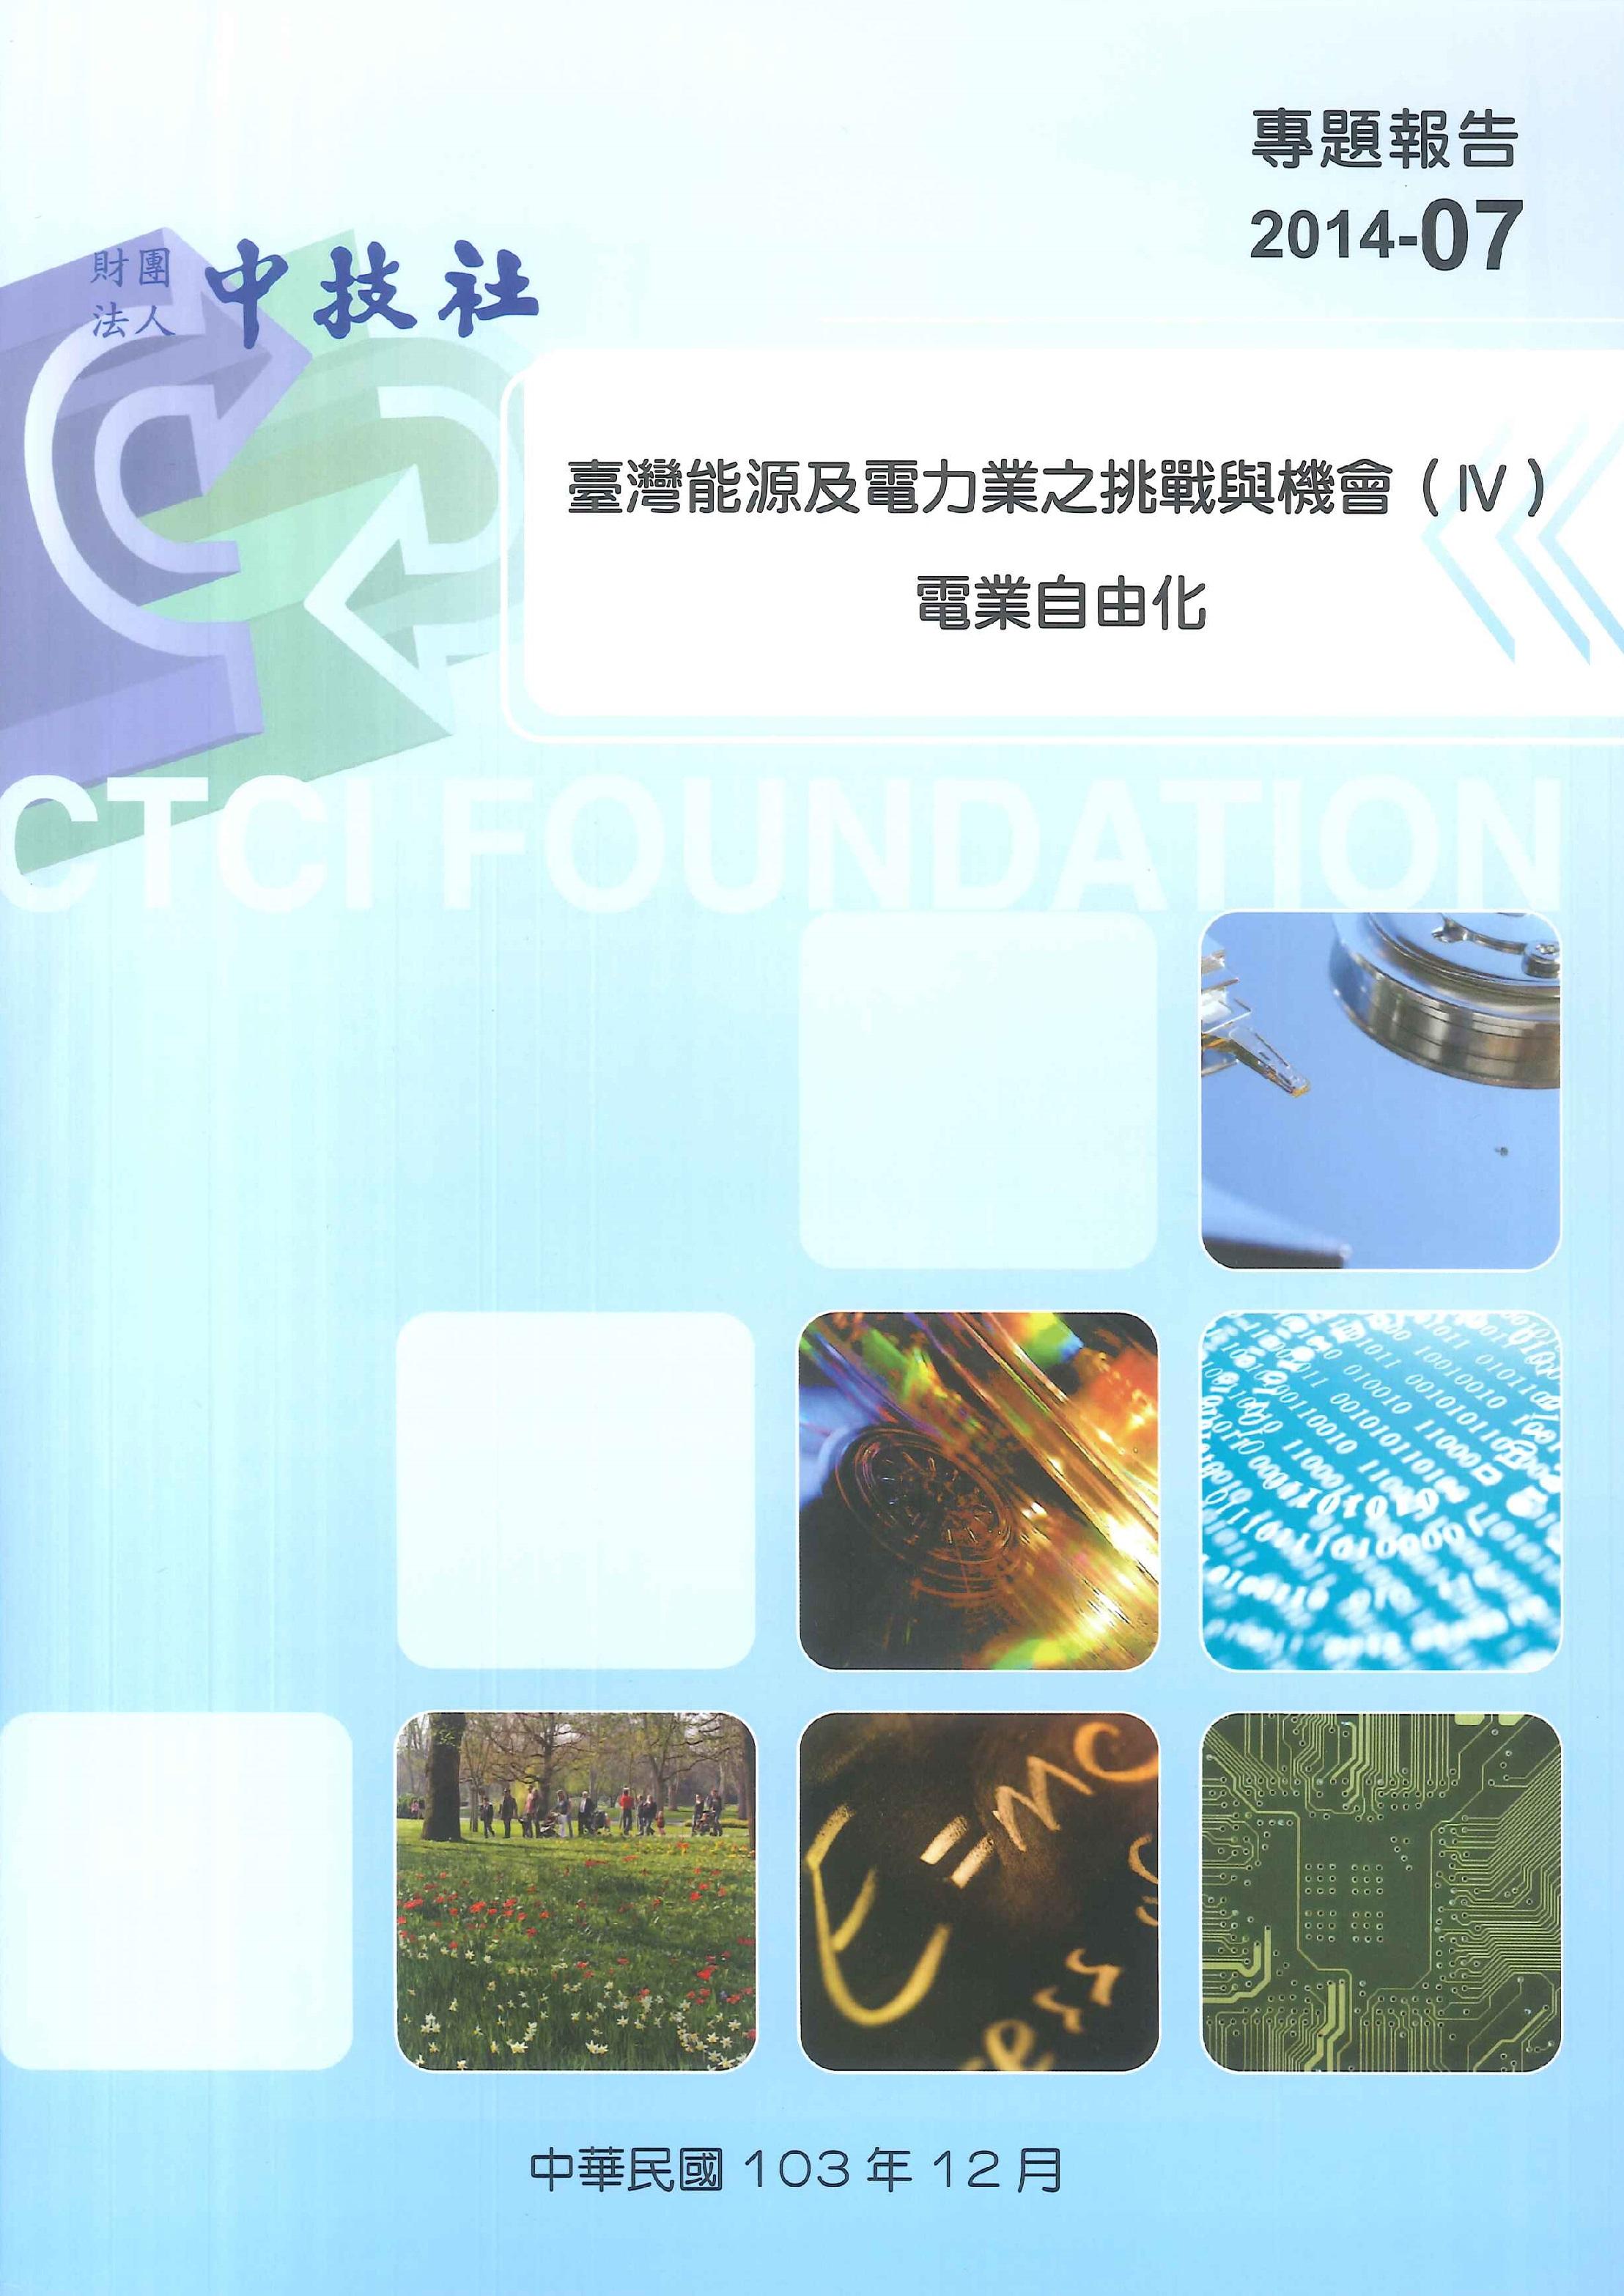 臺灣能源及電力業之挑戰與機會.電業自由化.Ⅳ